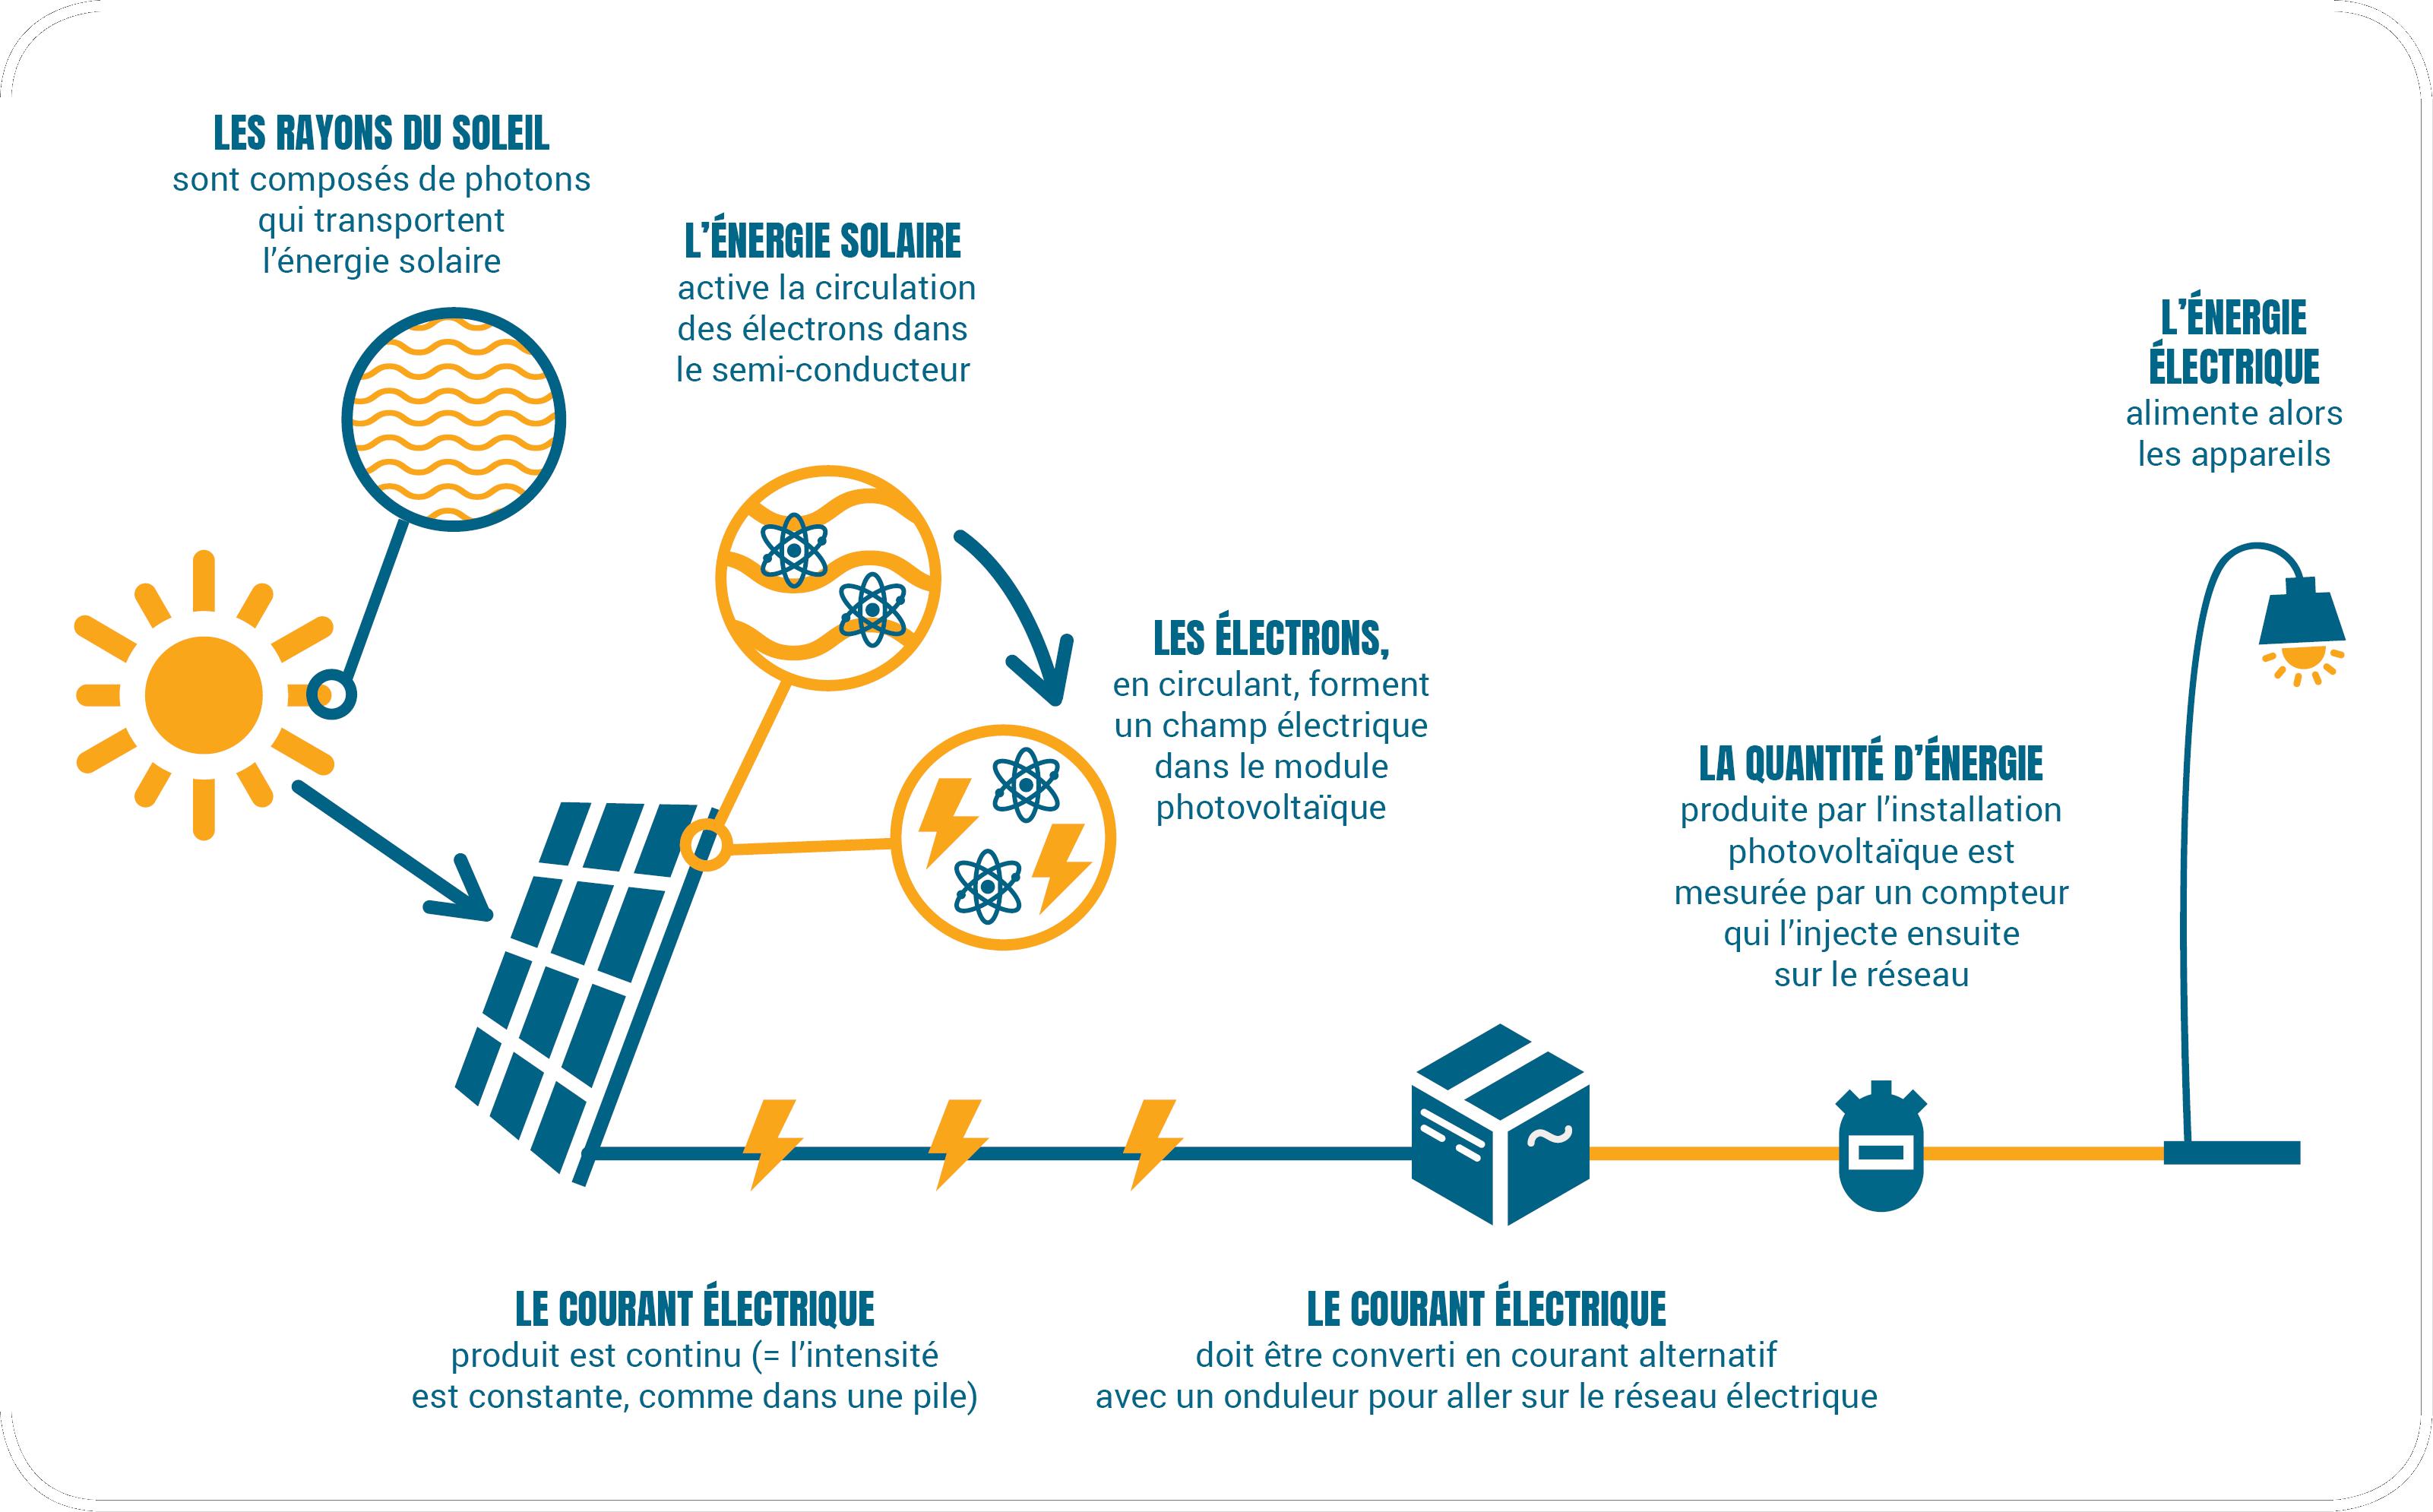 Schéma du fonctionnement des panneaux photovoltaïques chez Soleil Marguerite